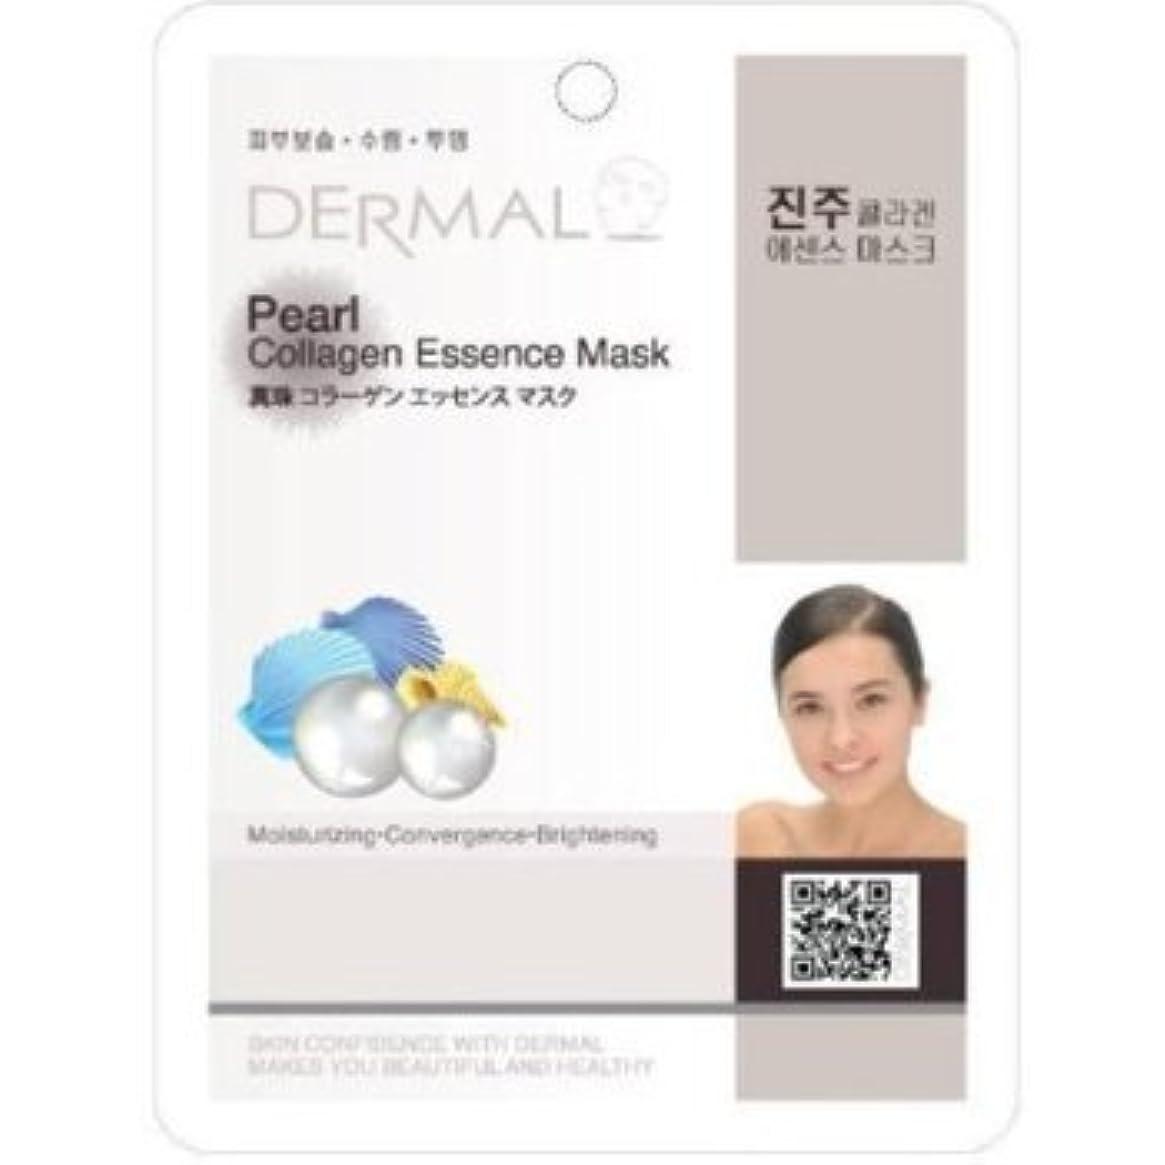 革命的仕事に行くやろうDermal Korea Collagen Essence Full Face Facial Mask Sheet - Pearl (100 pcs, 1box)